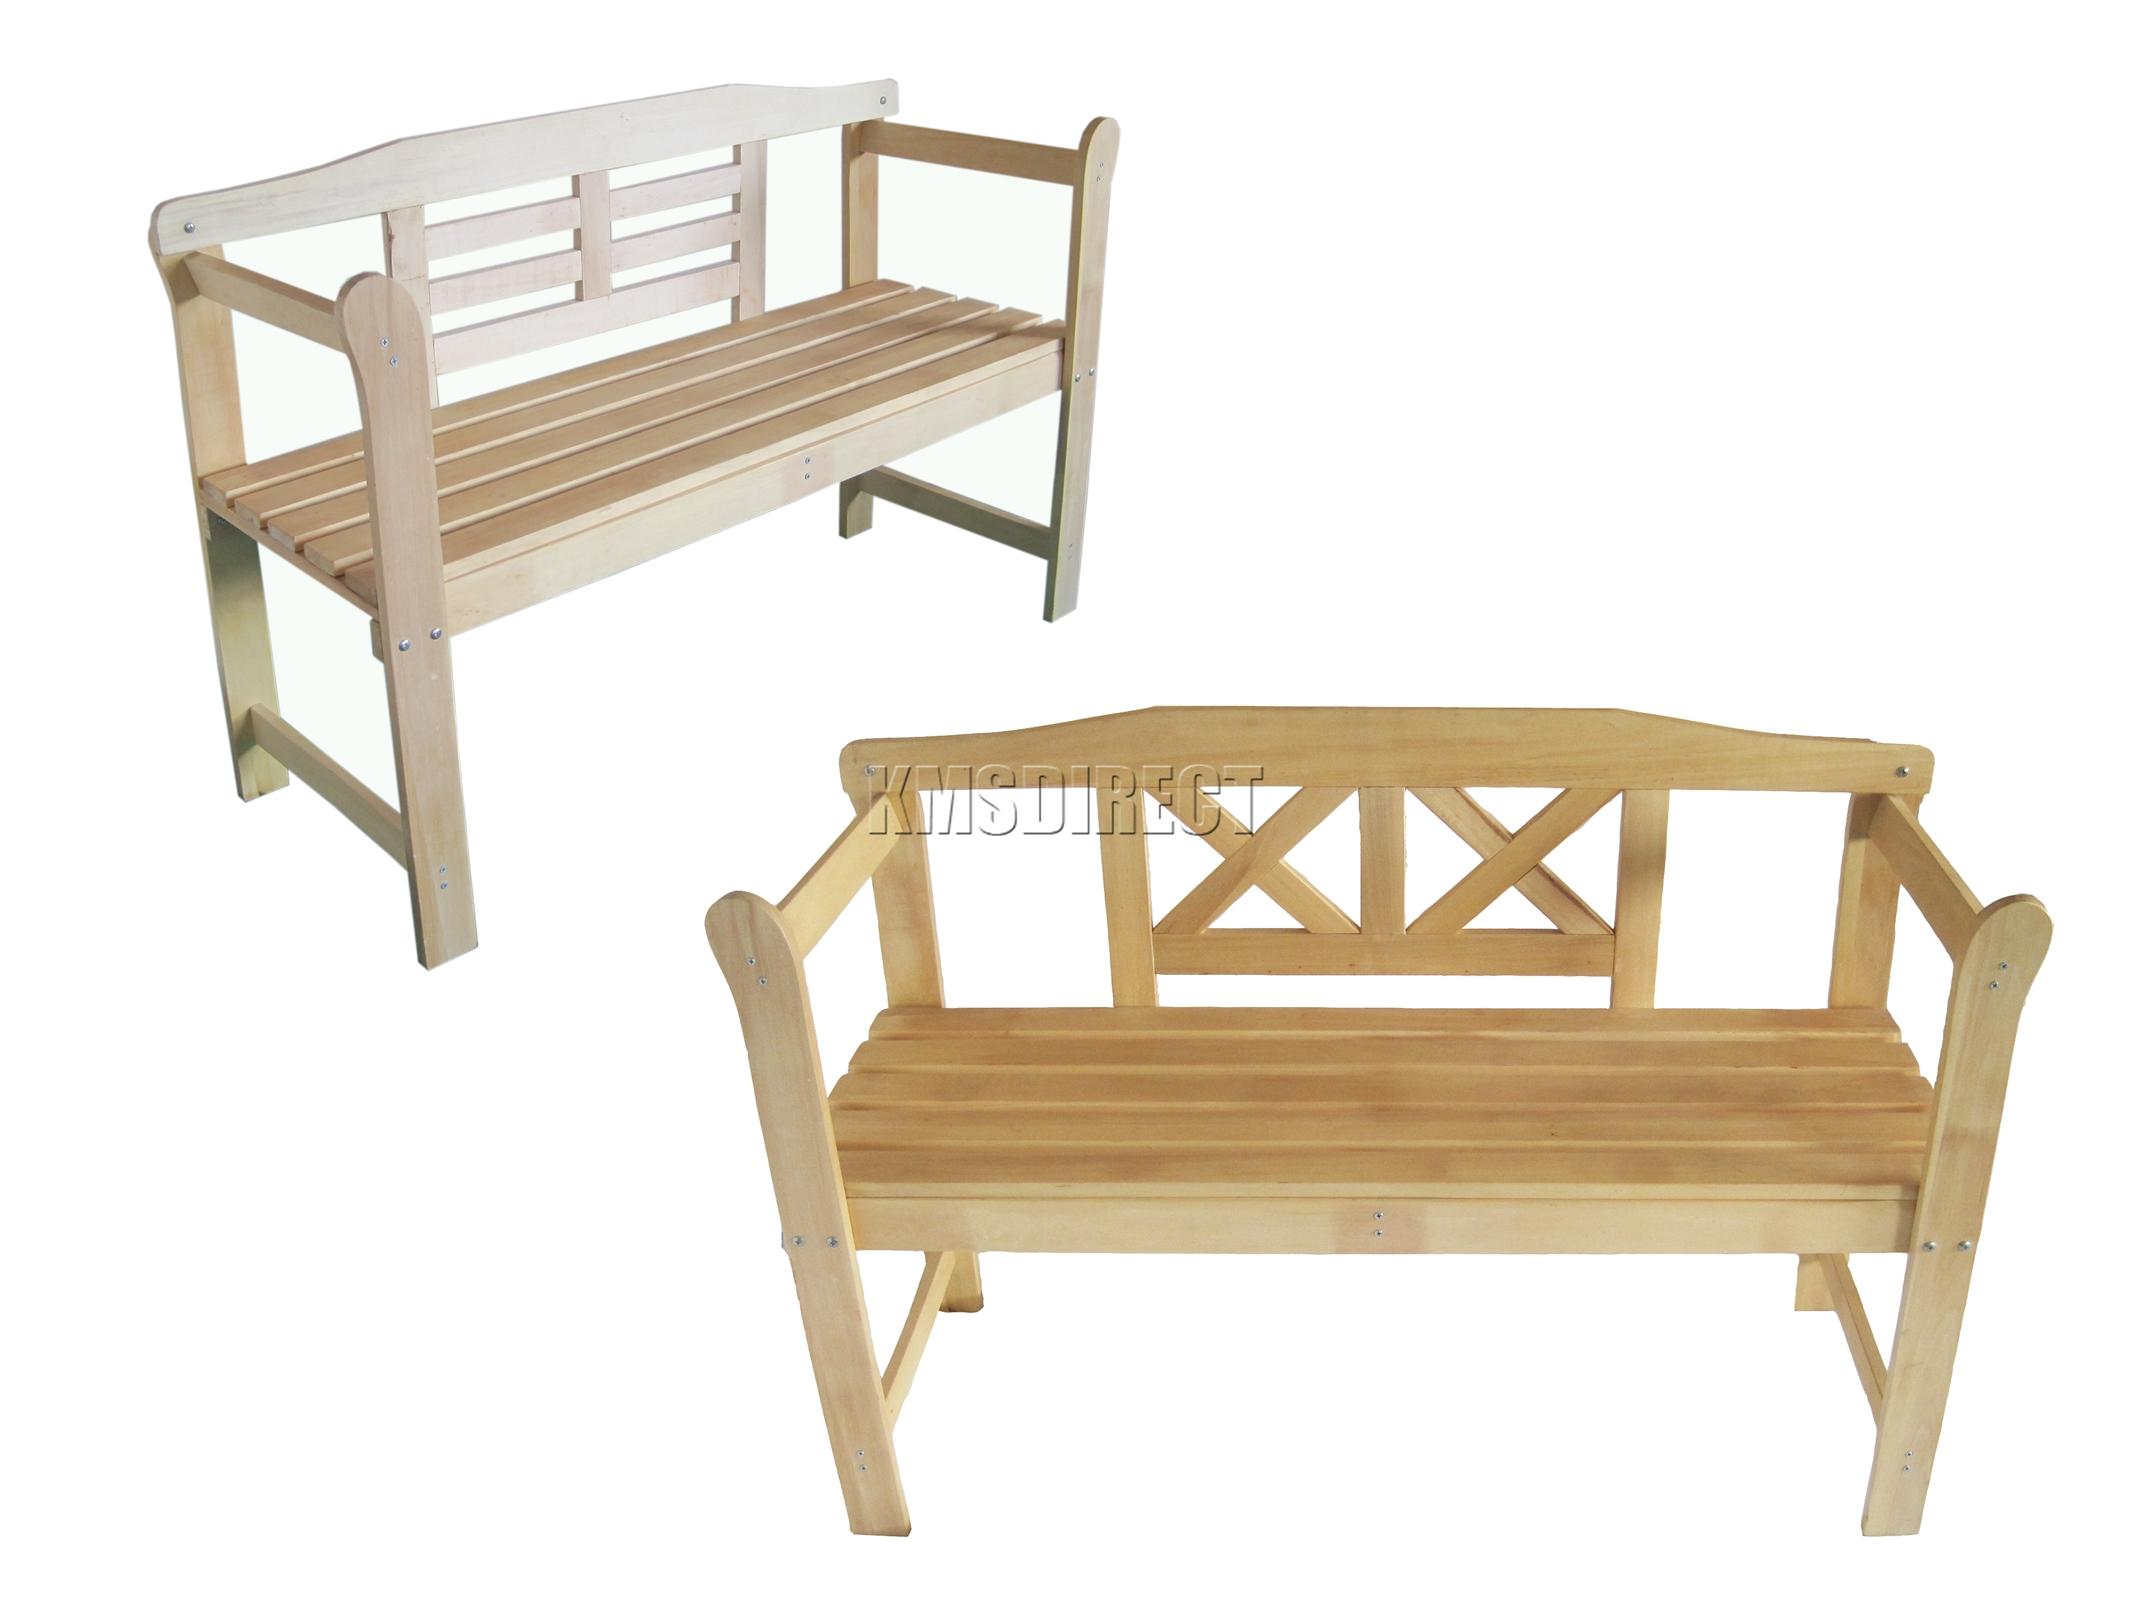 Banco de madera para exterior - ShareMedoc